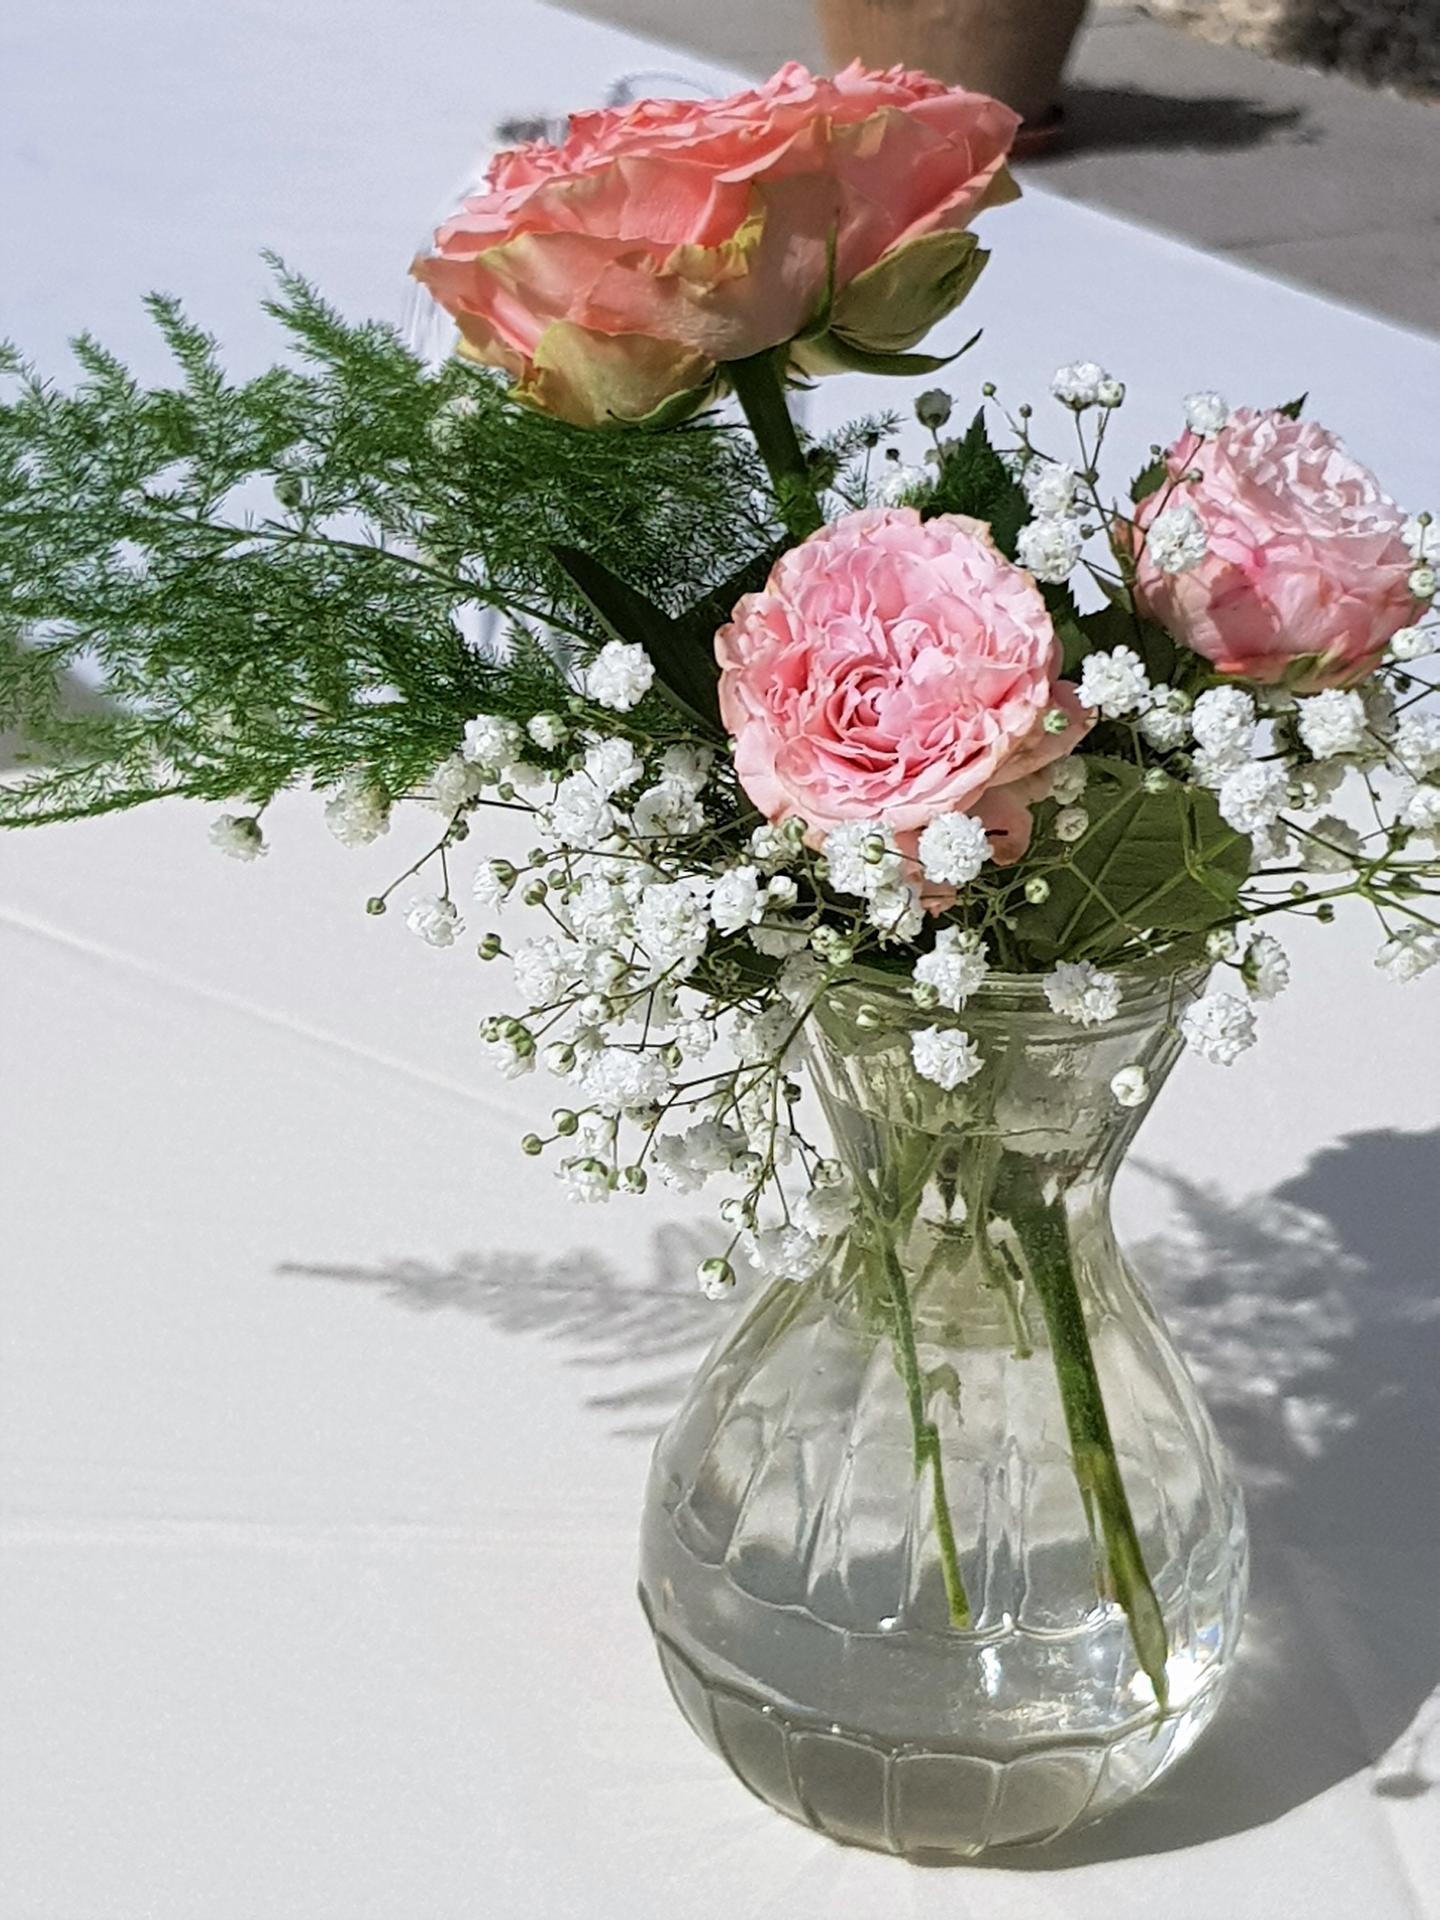 Svadobné dekorácie - Obrázok č. 1